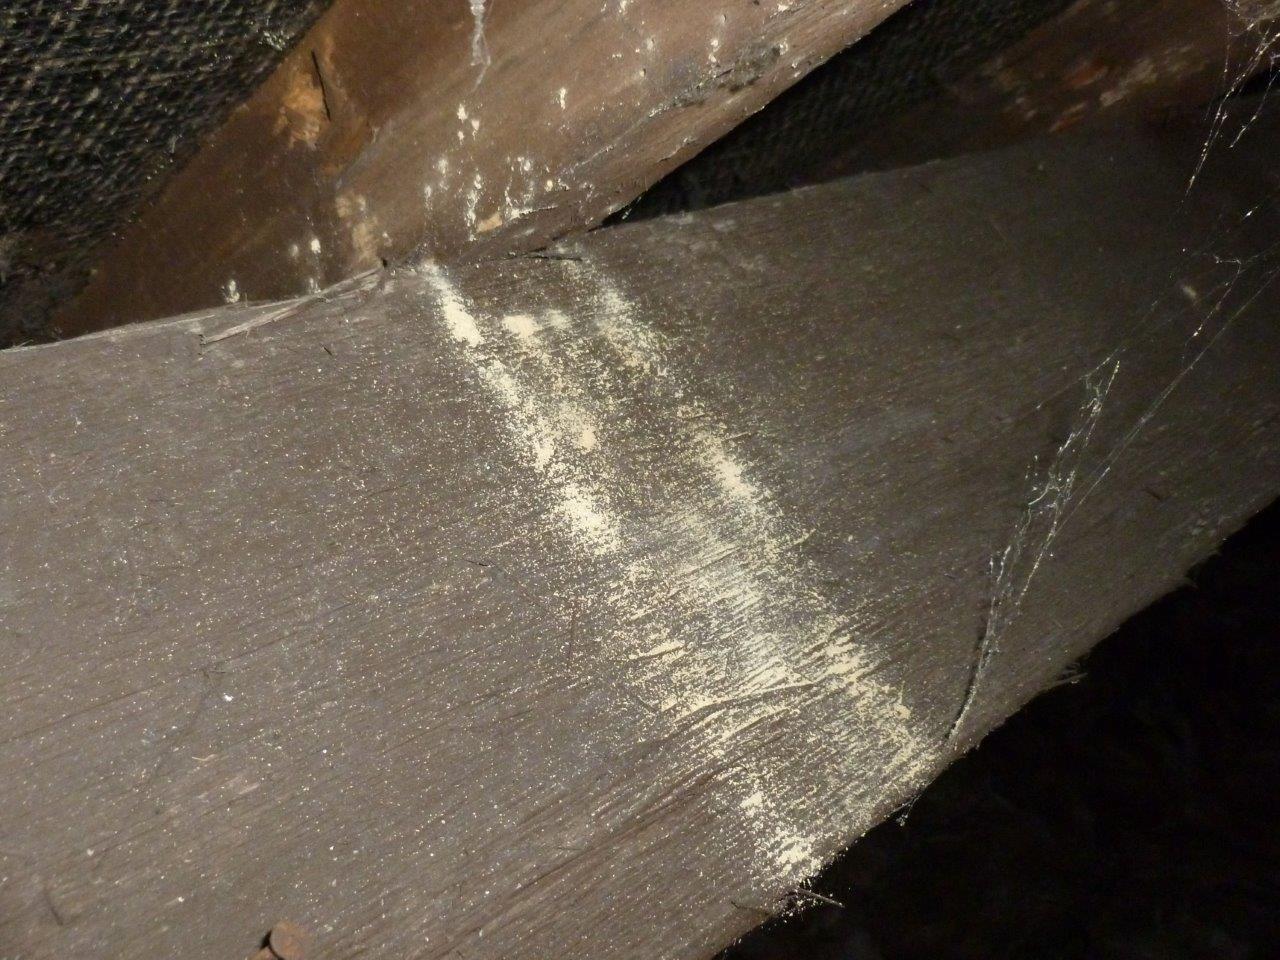 Woodworm Emergence Holes - Frass fallen onto Timber below.